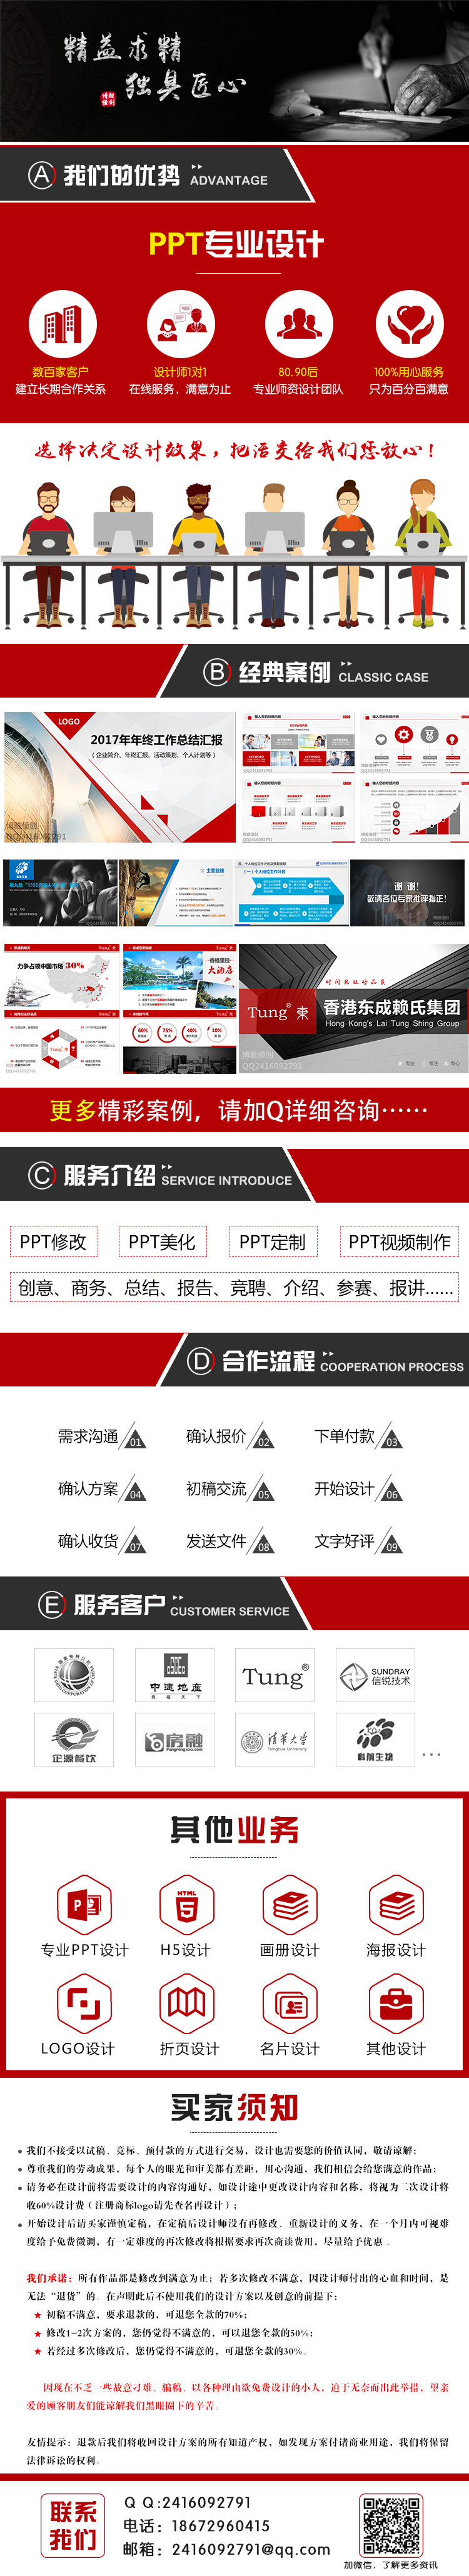 【博艺尚美设计】专业PPT设计ppt配音定制公司_设计服务>>文案/PPT设计>>游戏制作